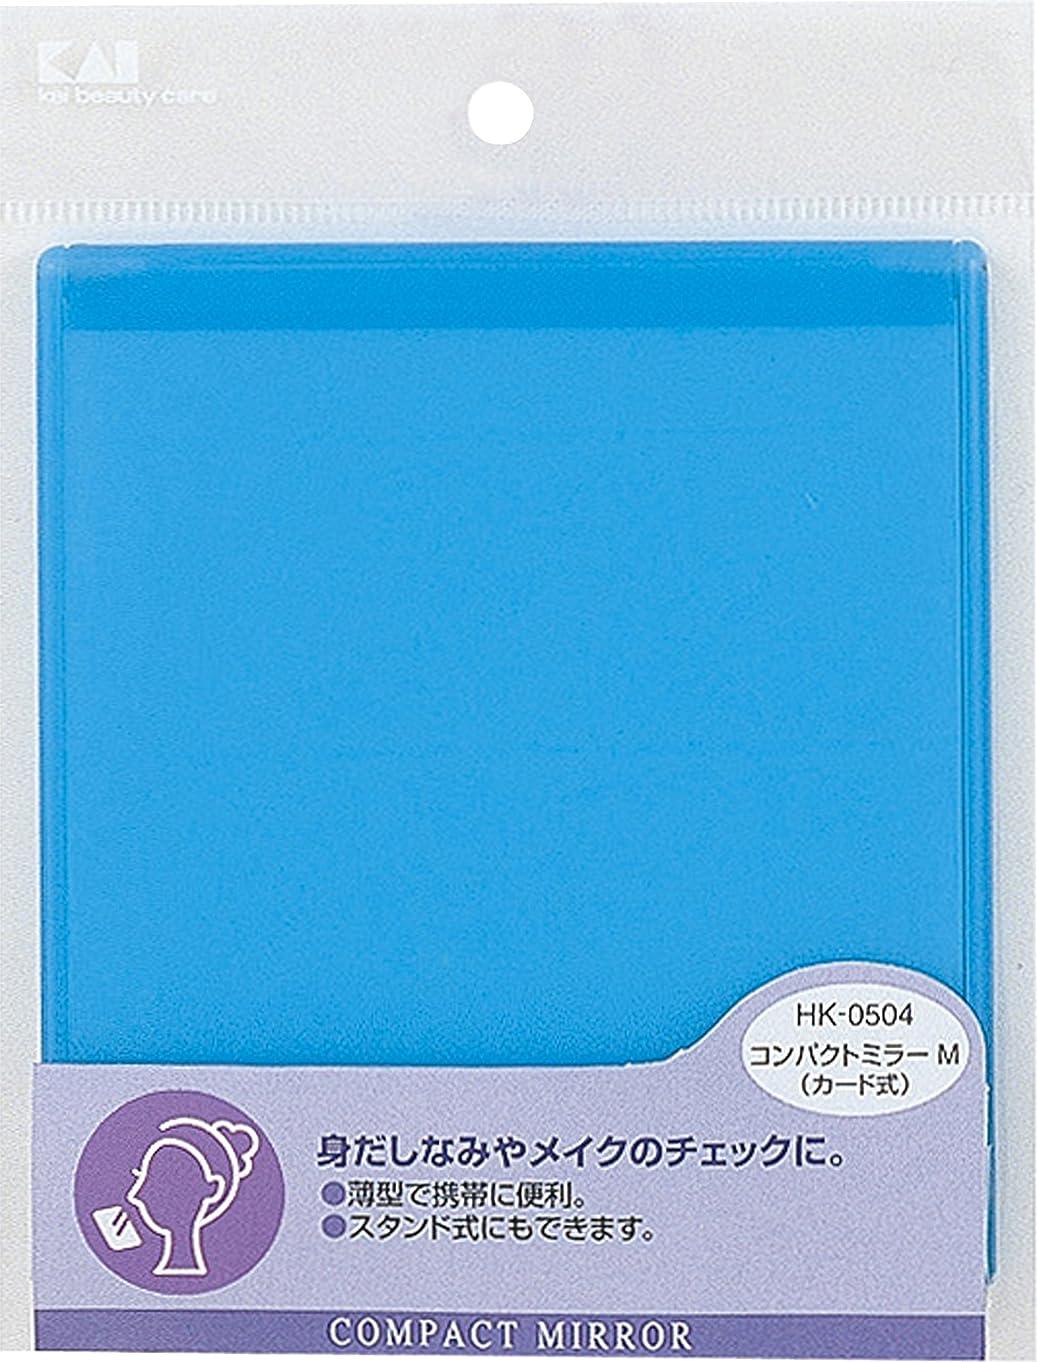 ウサギ居心地の良い美的貝印 Beセレクション コンパクトミラー カード式 M HK0504